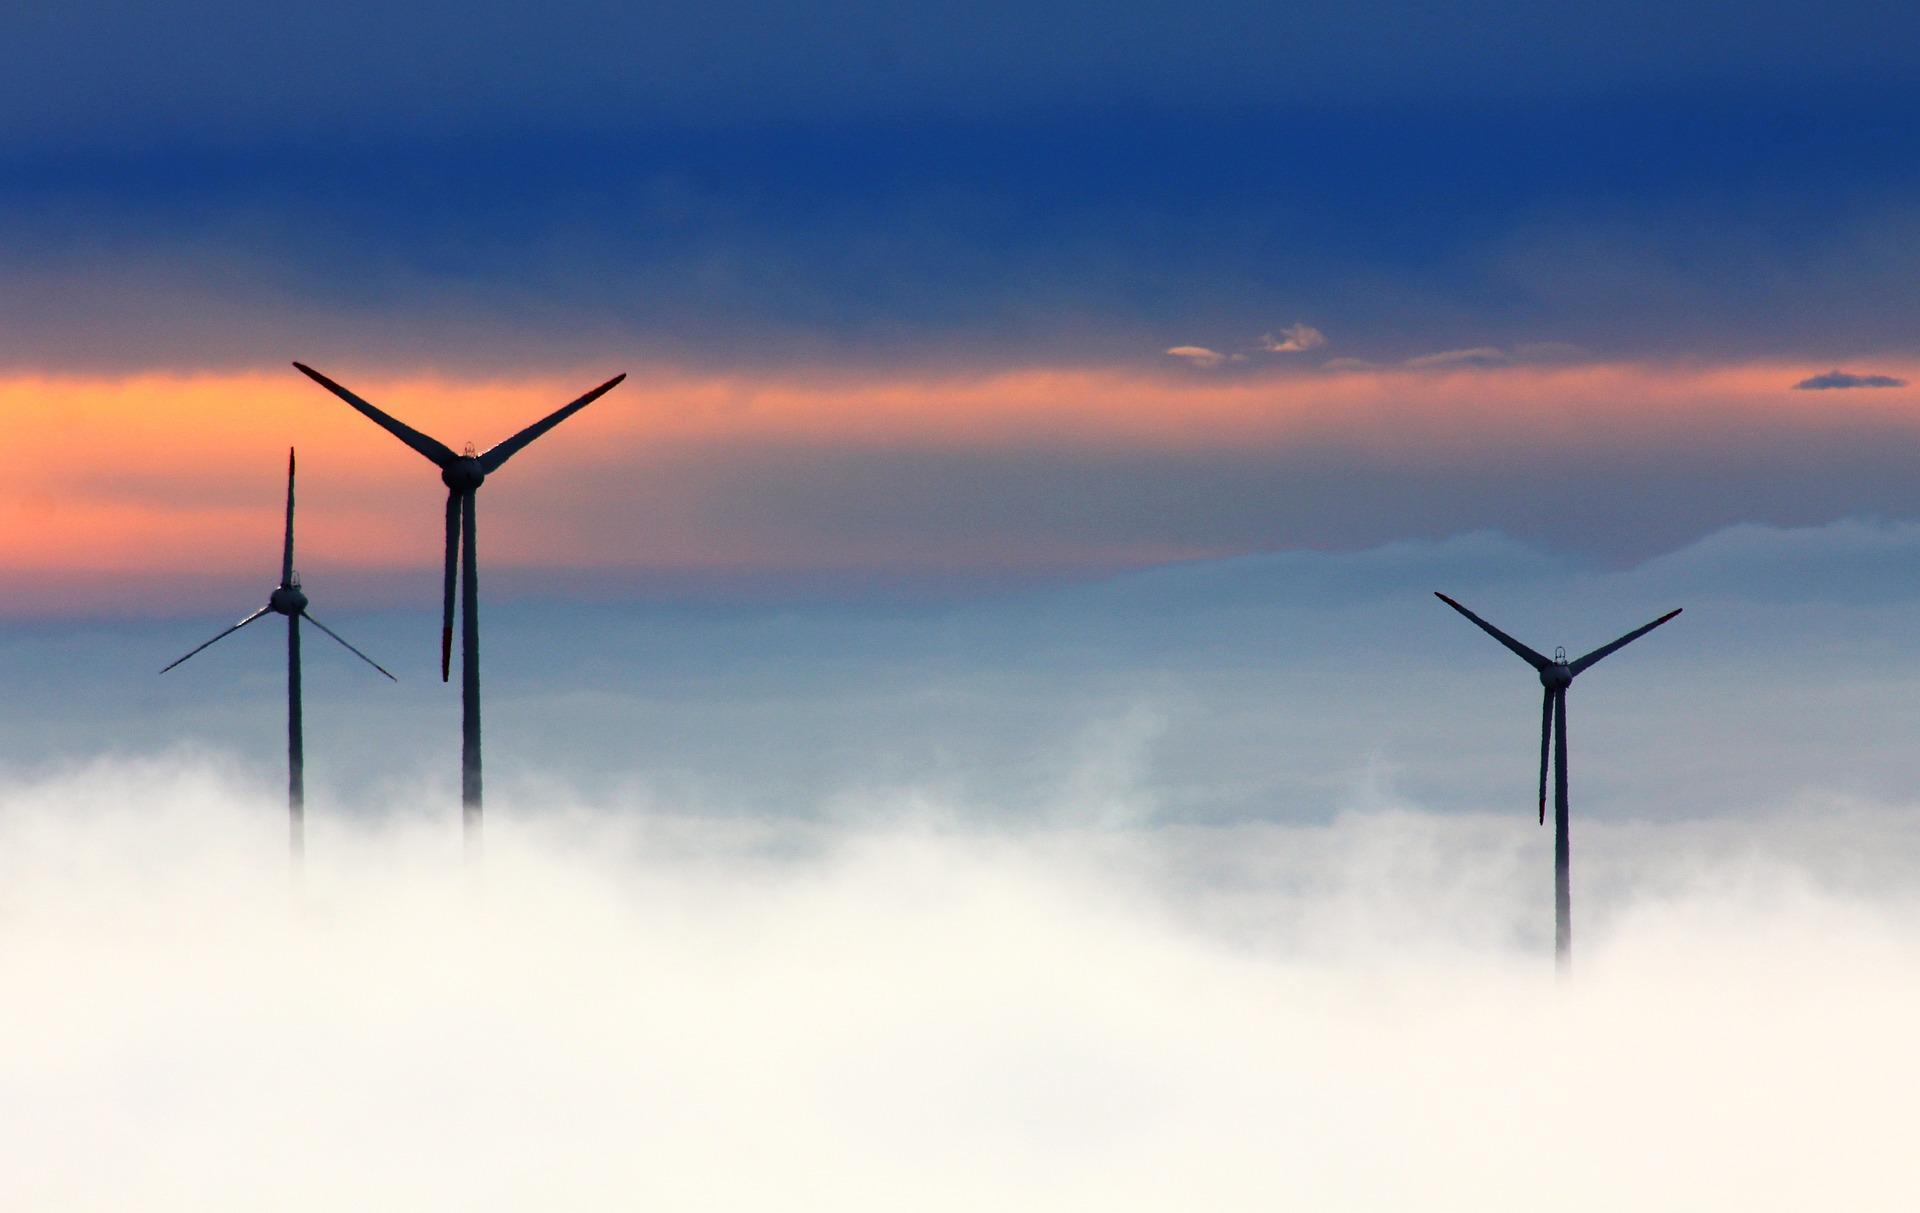 Förderung erneuerbarer Energien - aber nur innerhalb der Landesgrenzen